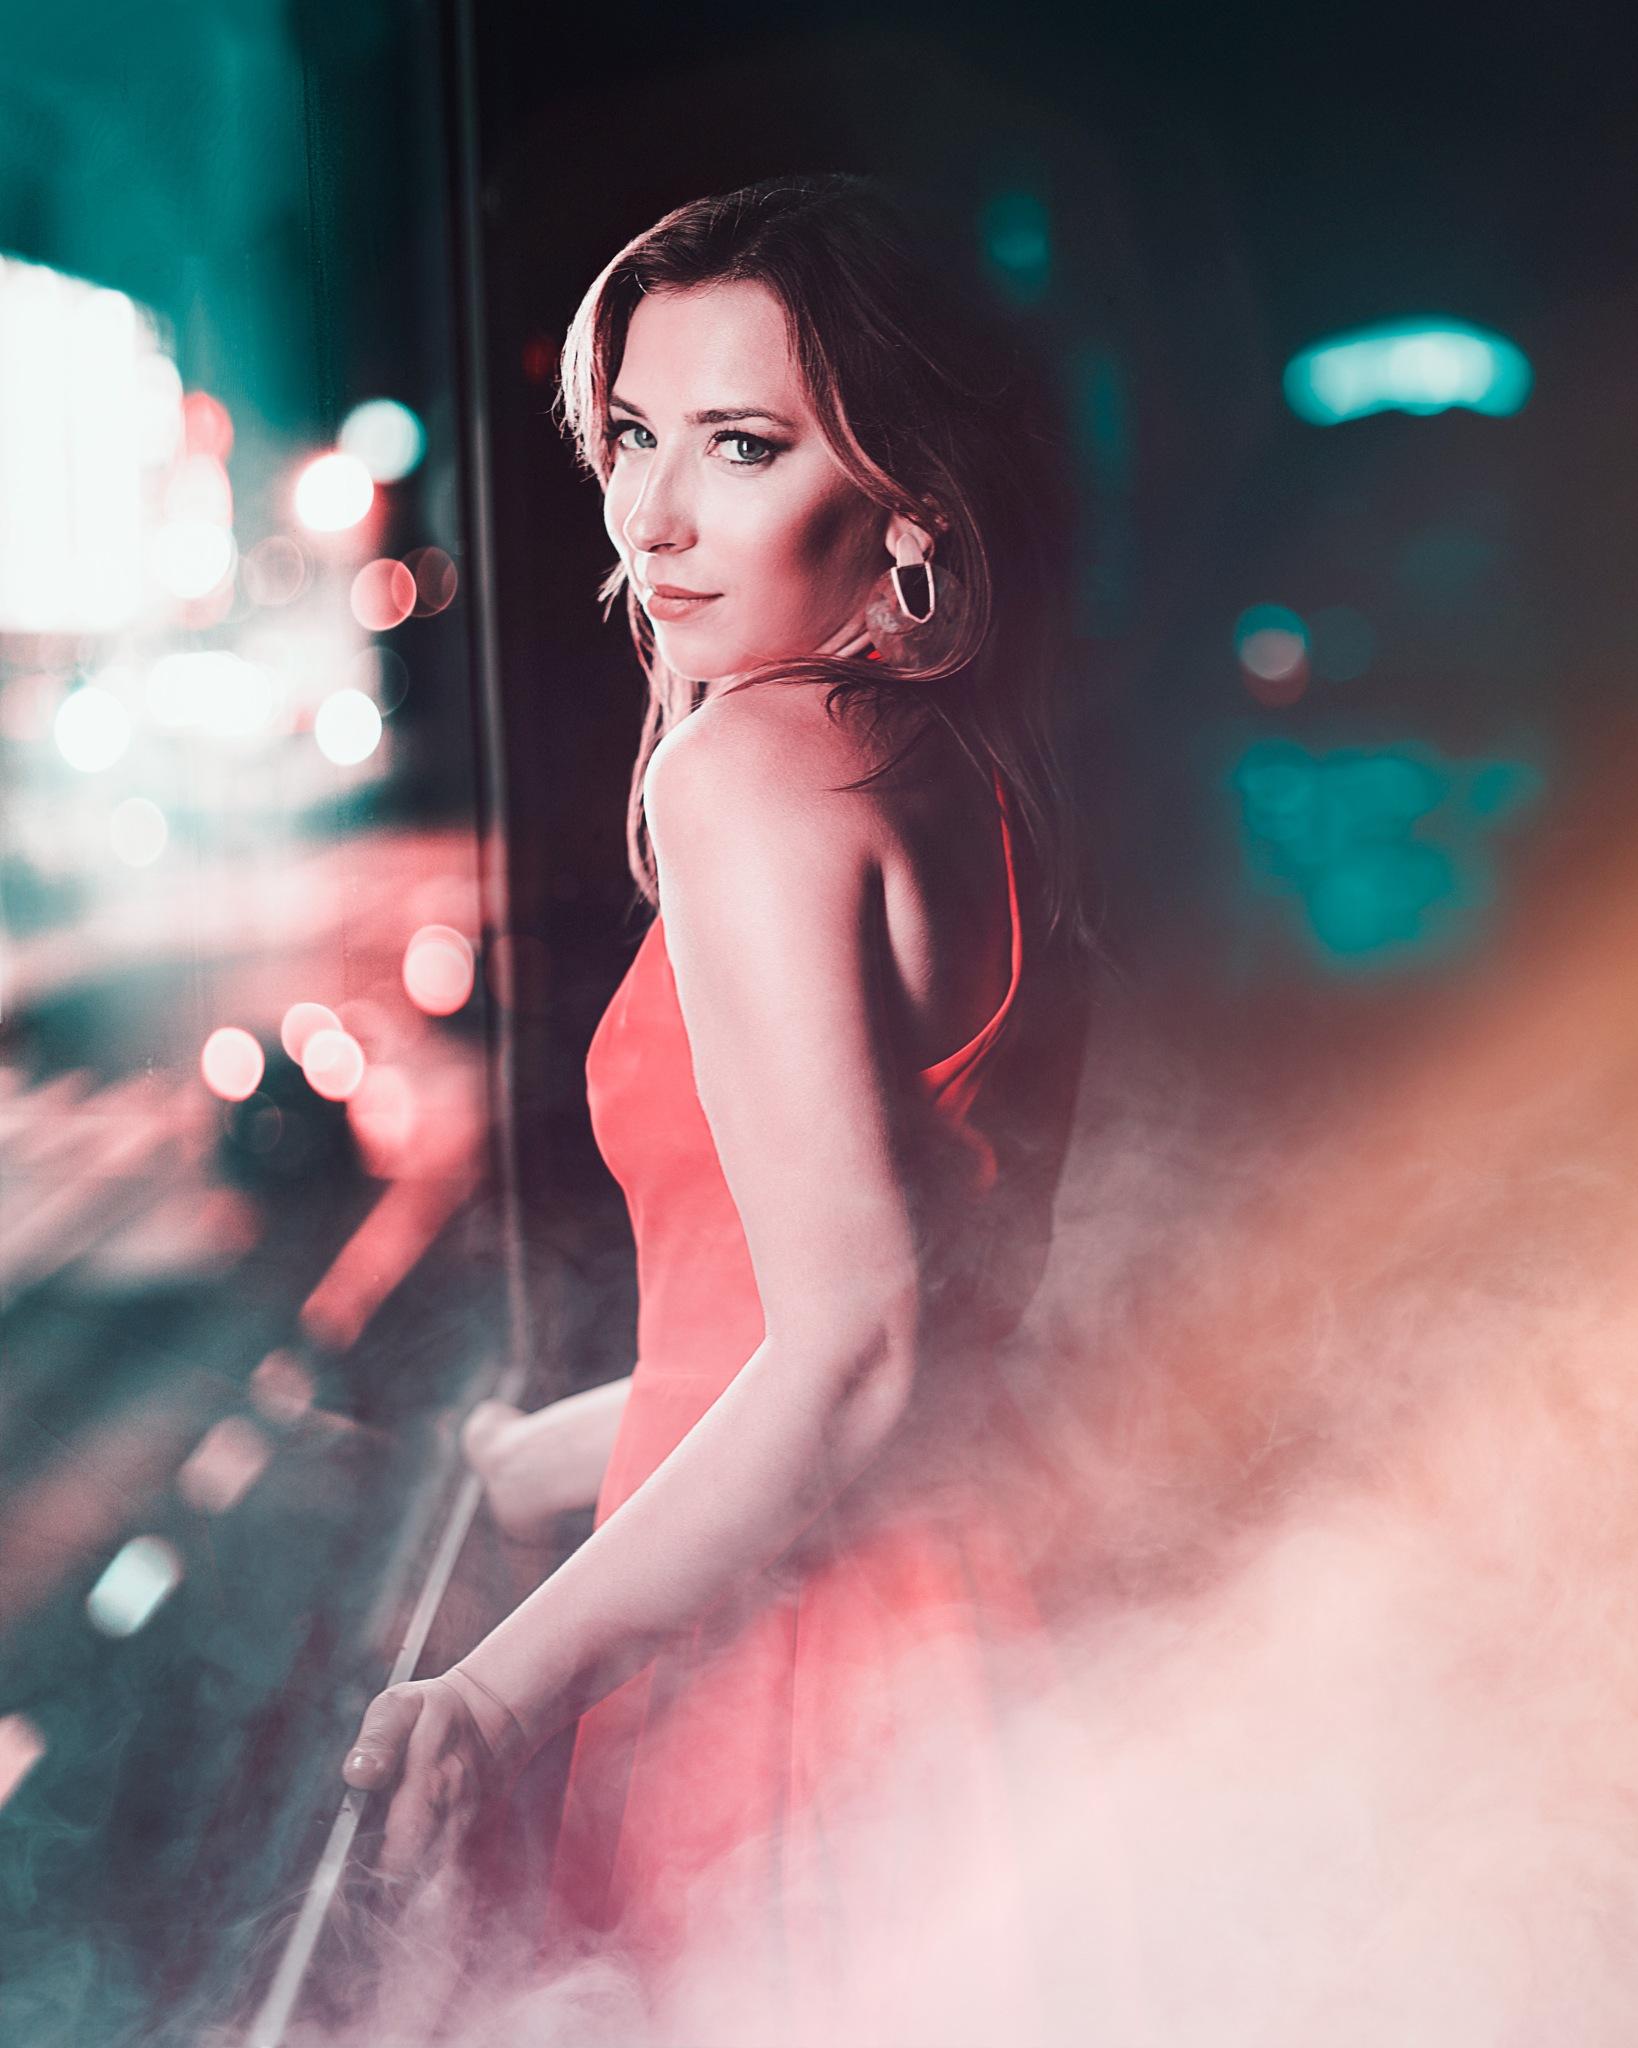 Jess in a dress by Paul Sebring